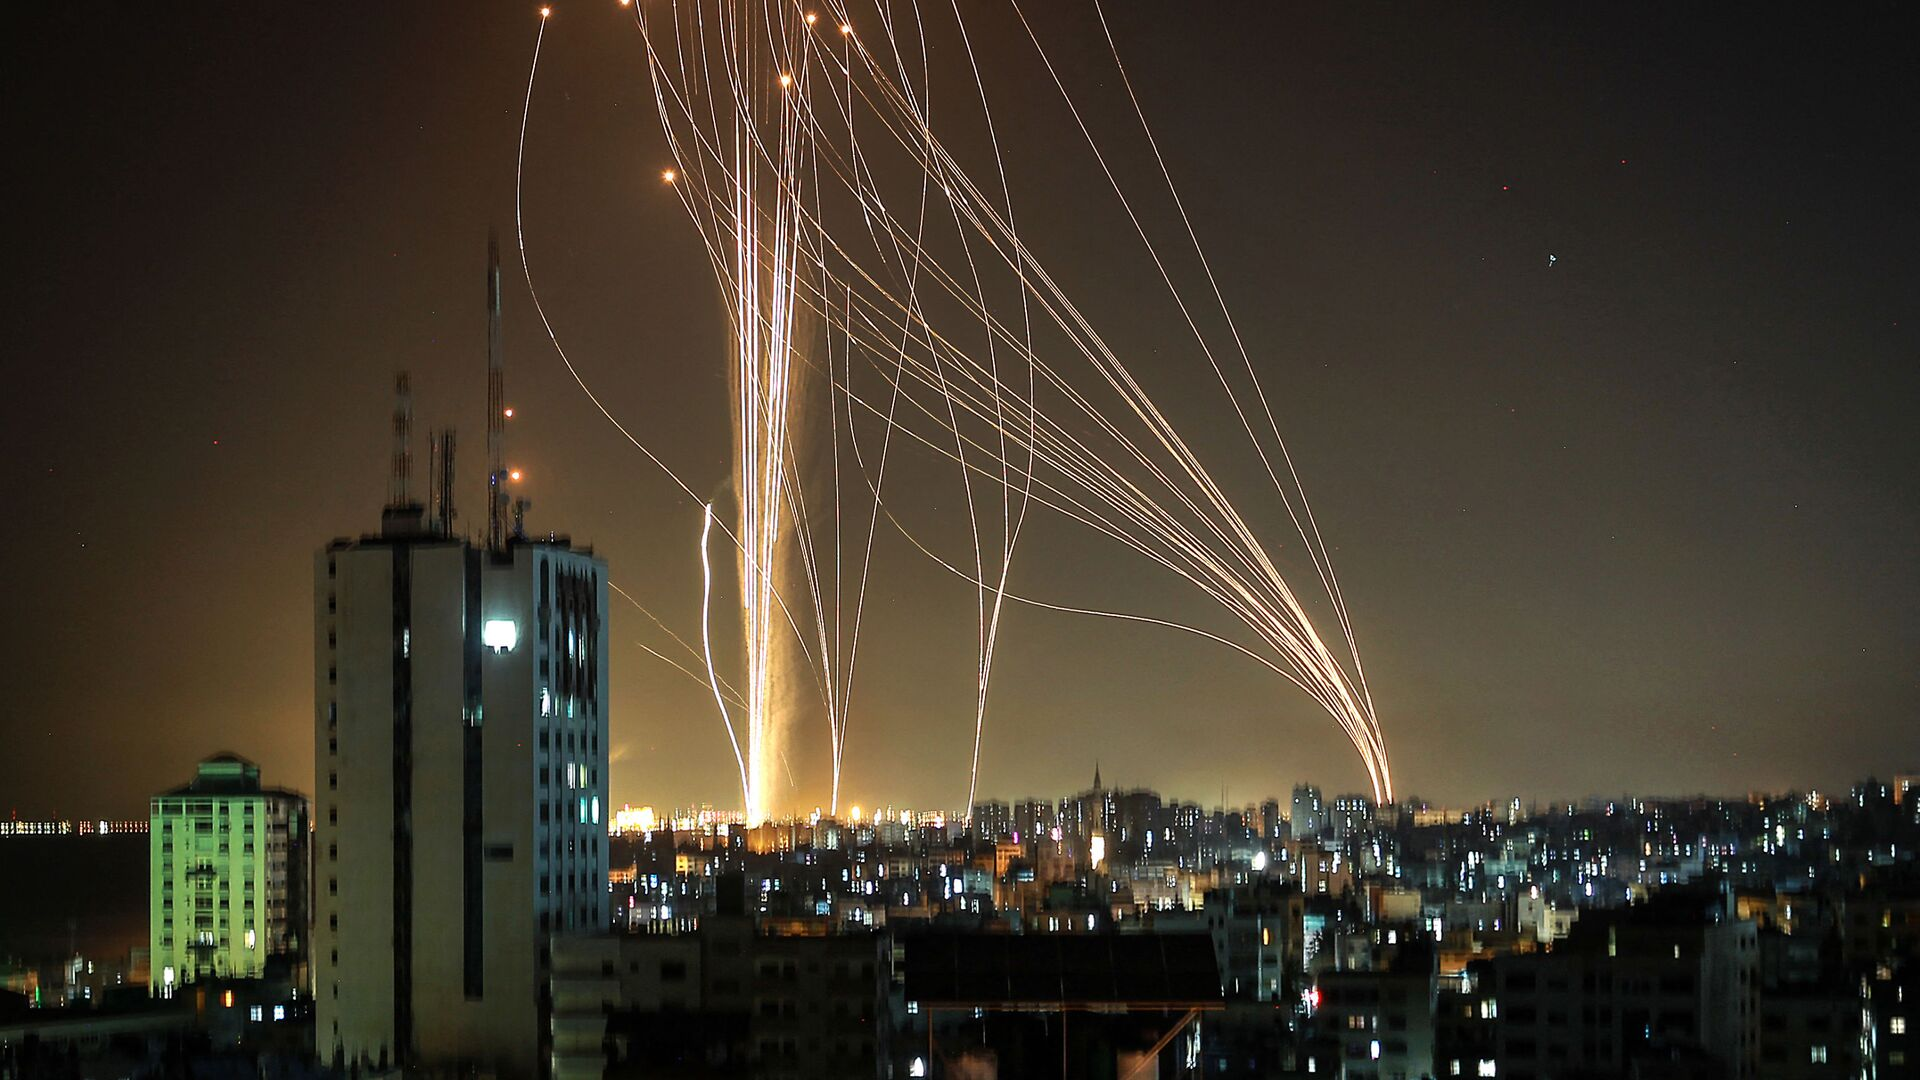 Lancio di missili dalla città di Gaza controllata dal movimento palestinese di Hamas - Sputnik Italia, 1920, 17.05.2021